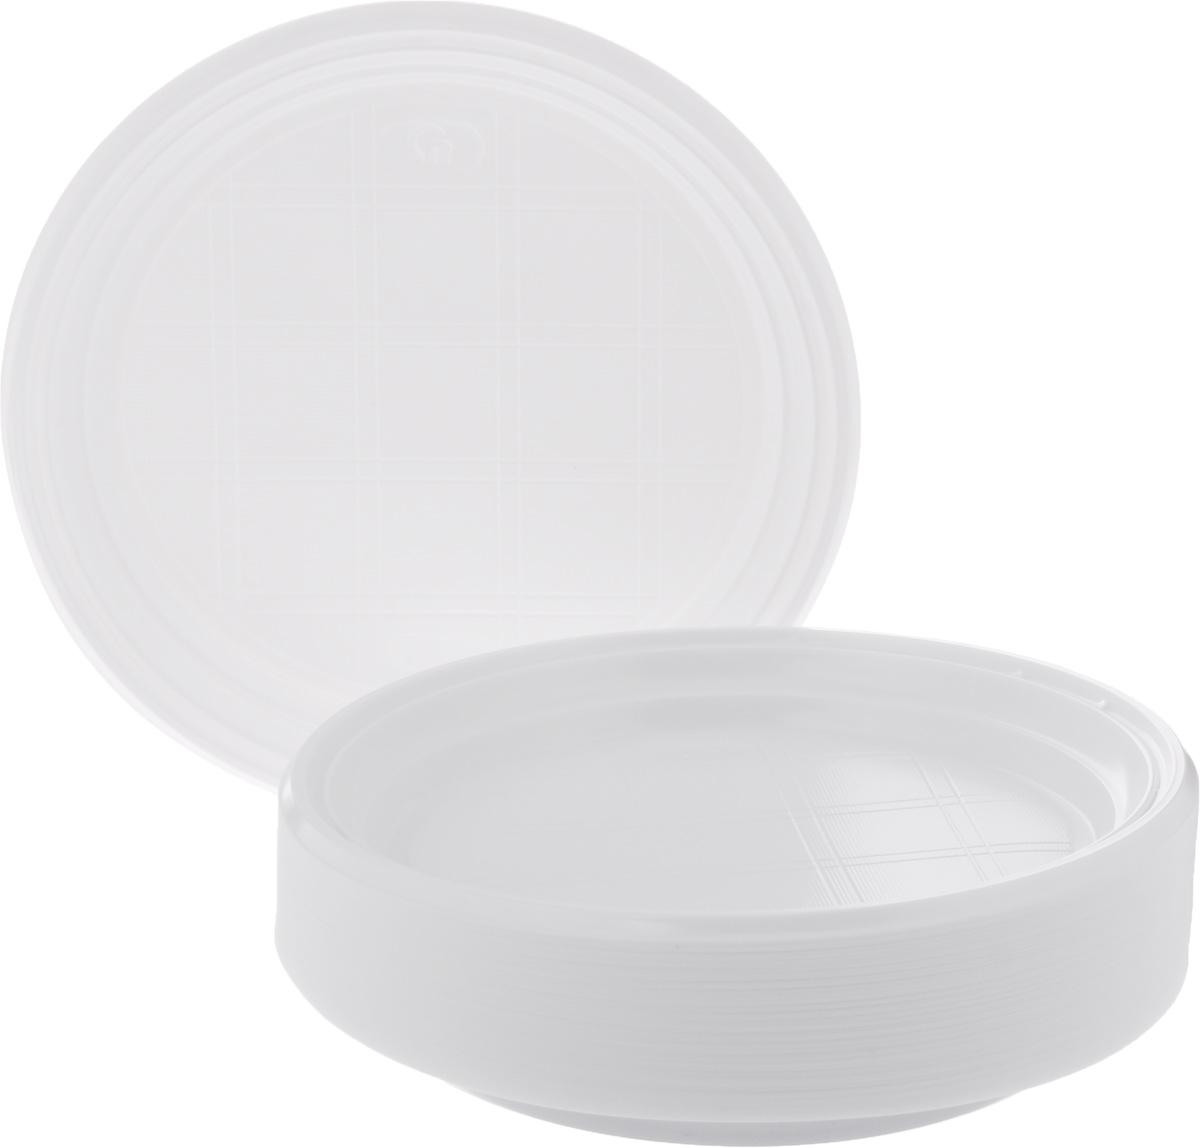 Набор одноразовых тарелок Стиролпласт, диаметр 20,5 см, 100 штукПОС08188Набор Стиролпласт состоит из 100 круглых тарелок, выполненных из полистирола и предназначенных для одноразового использования. Подходят для пищевых продуктов. Одноразовые тарелки будут незаменимы при поездках на природу, пикниках и других мероприятиях. Они не займут много места, легки и самое главное - после использования их не надо мыть. Диаметр тарелки: 20,5 см. Высота тарелки: 2 см.